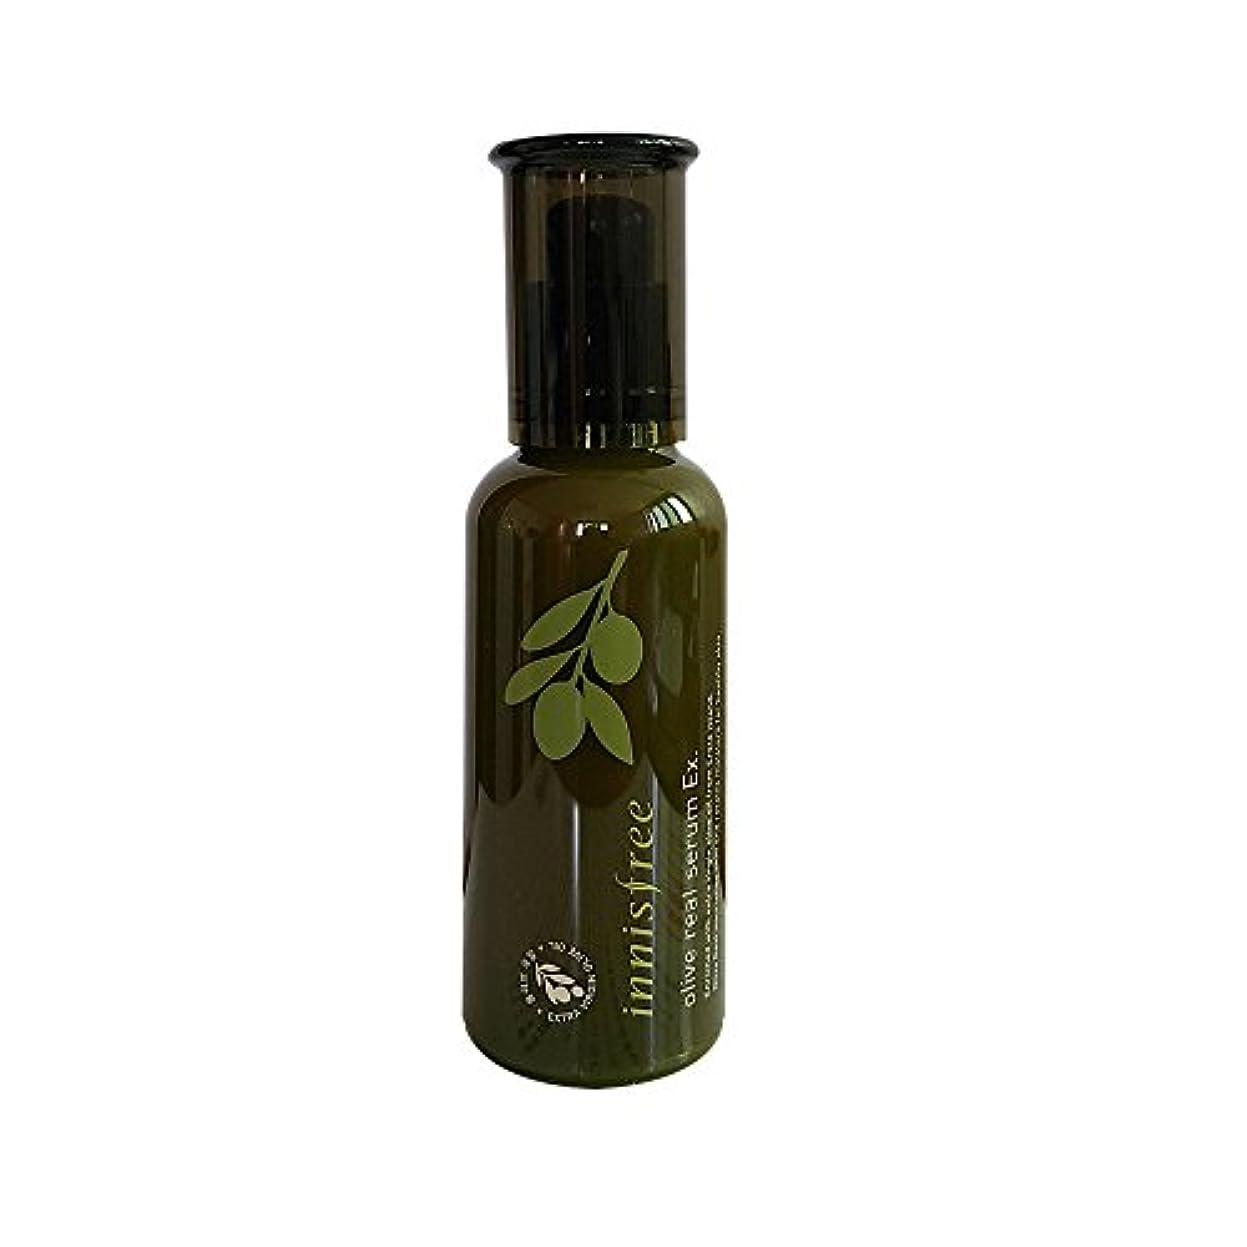 水没セーター愛されし者イニスフリー Innisfree オリーブリアルセラム(50ml) Innisfree Olive Real Serum(50ml) [海外直送品]